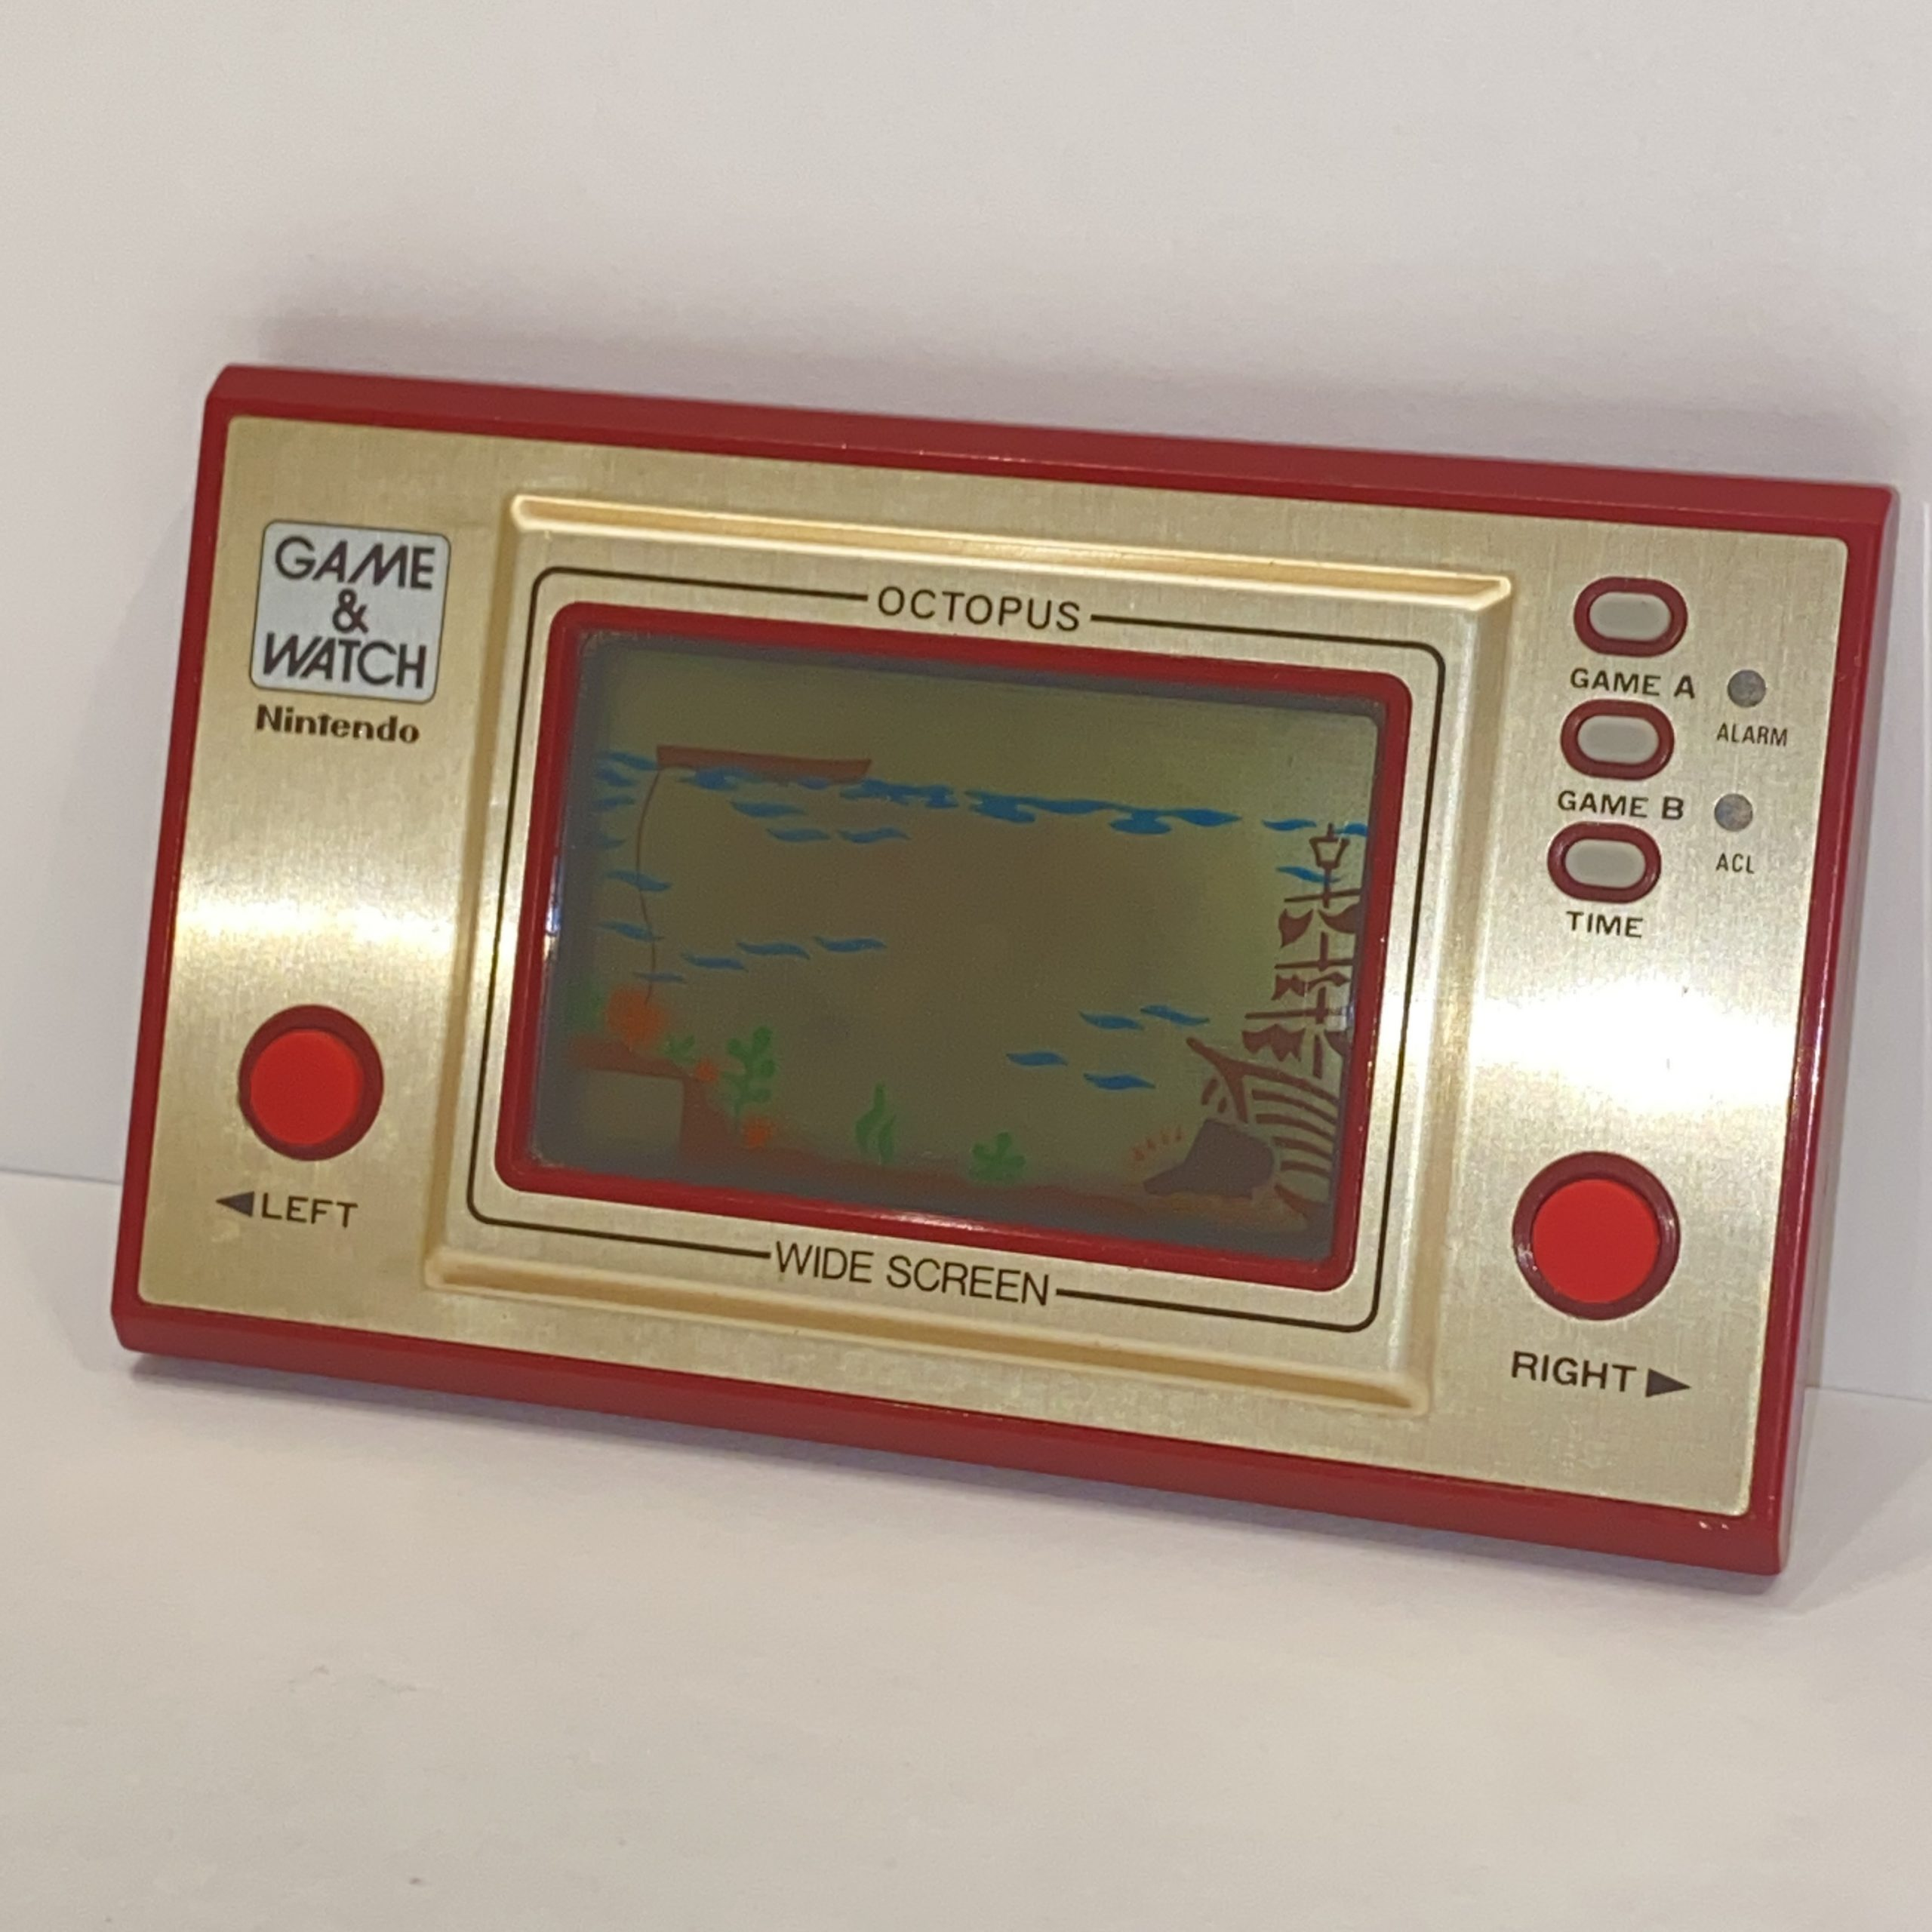 【Nintendo/ニンテンドー/任天堂】GAME&WATCH/ゲーム&ウォッチ OC-22 オクトパス